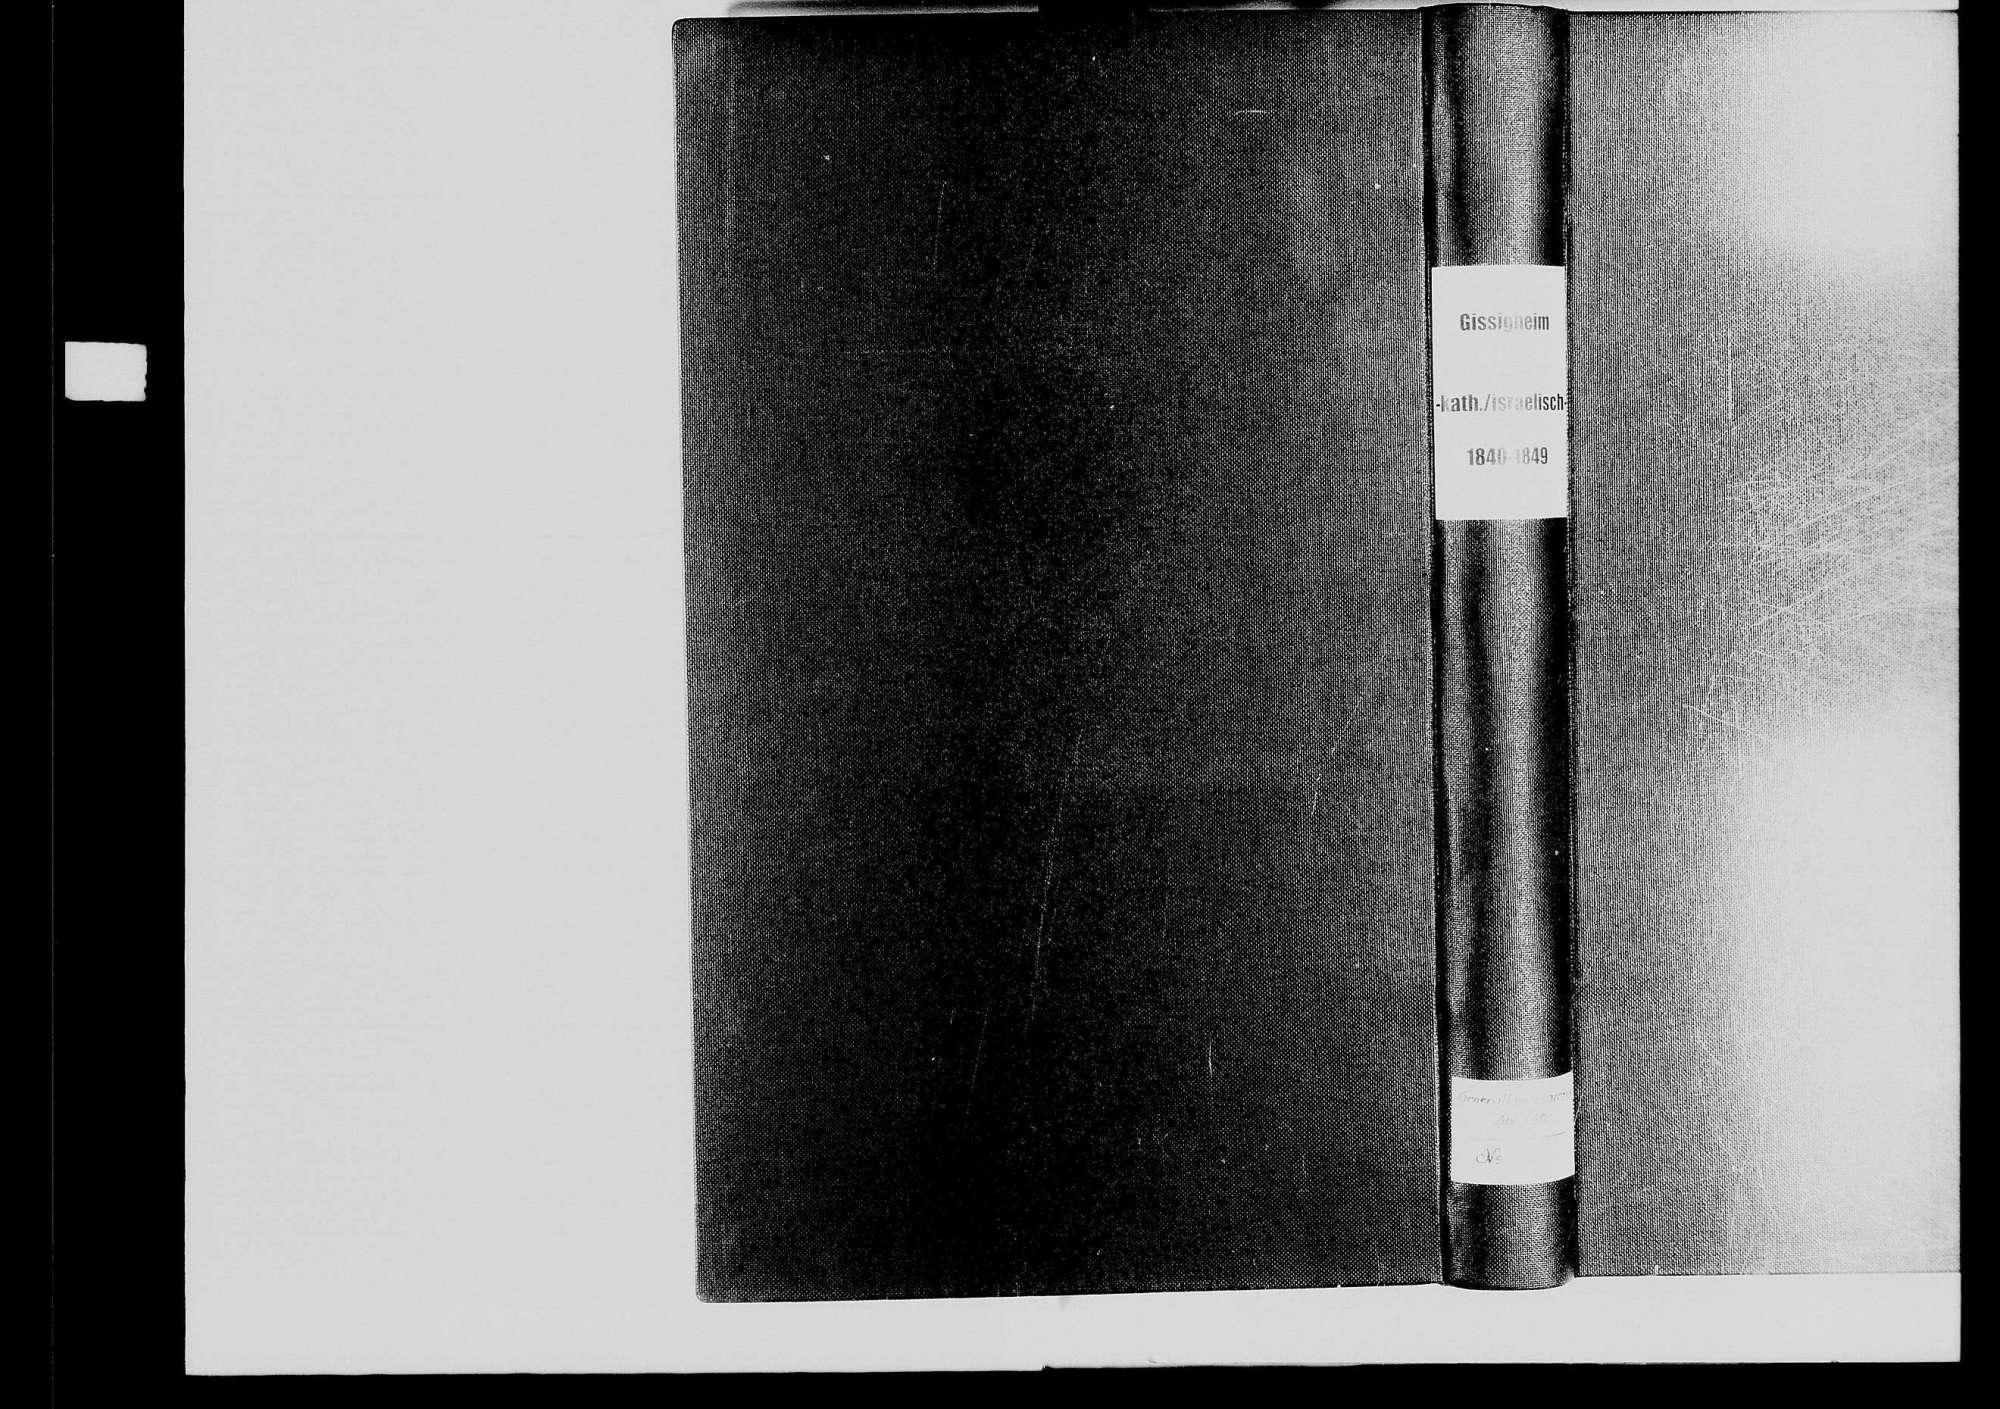 Gissigheim, katholische und israelitische Gemeinde: Standesbuch 1840-1849, Bild 2